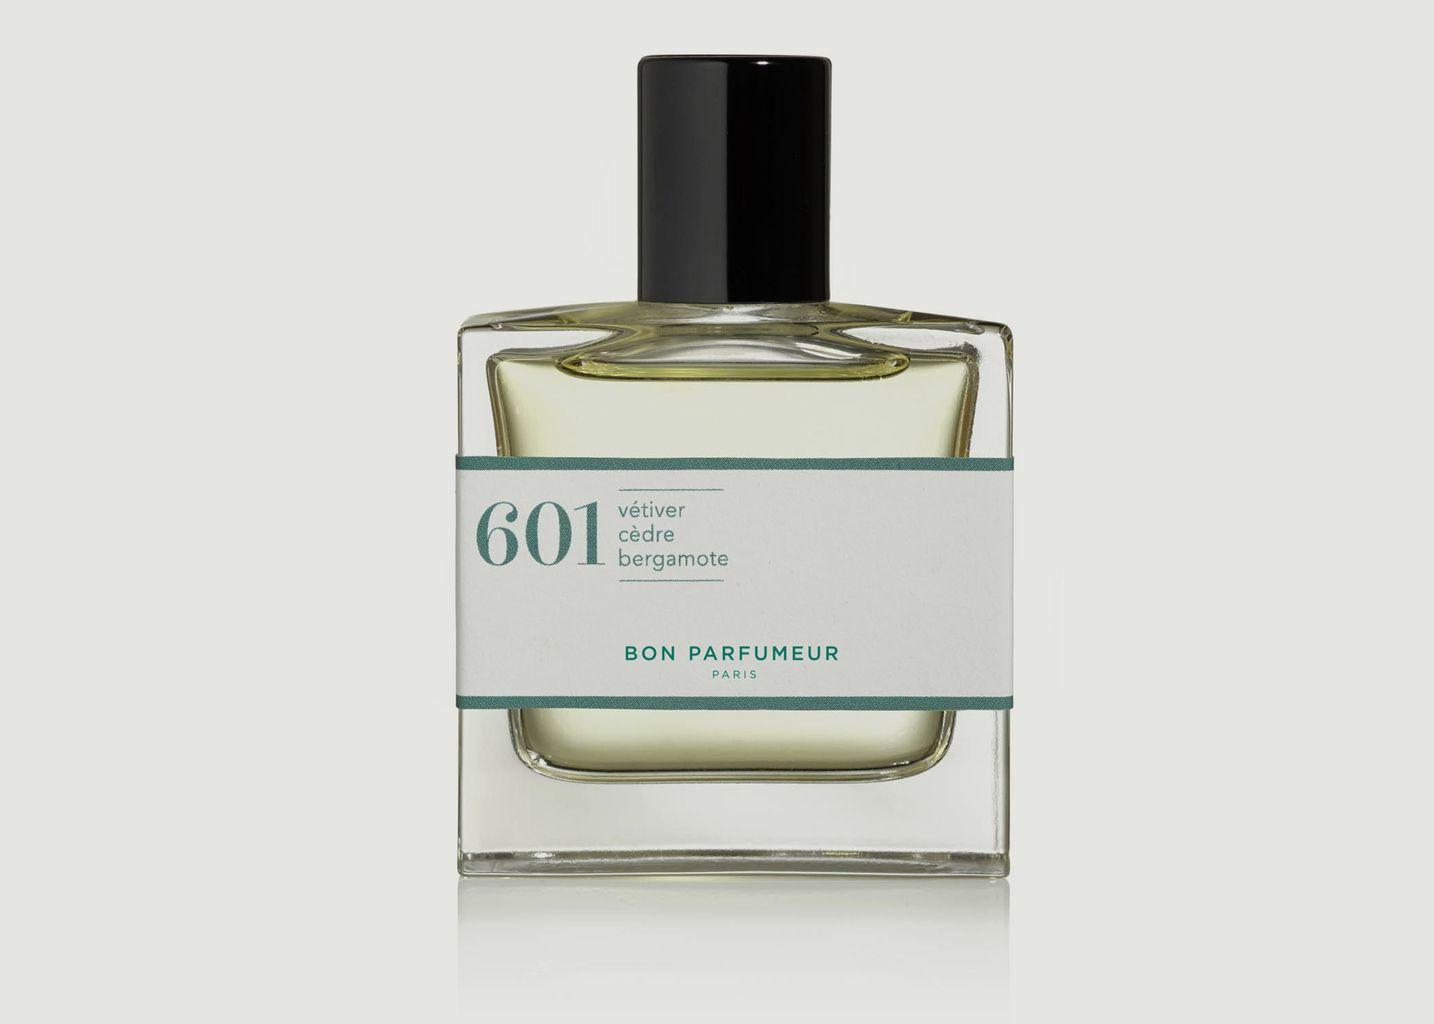 Eau de Parfum 601 Vétiver Cèdre Bergamote Boisé - Bon Parfumeur